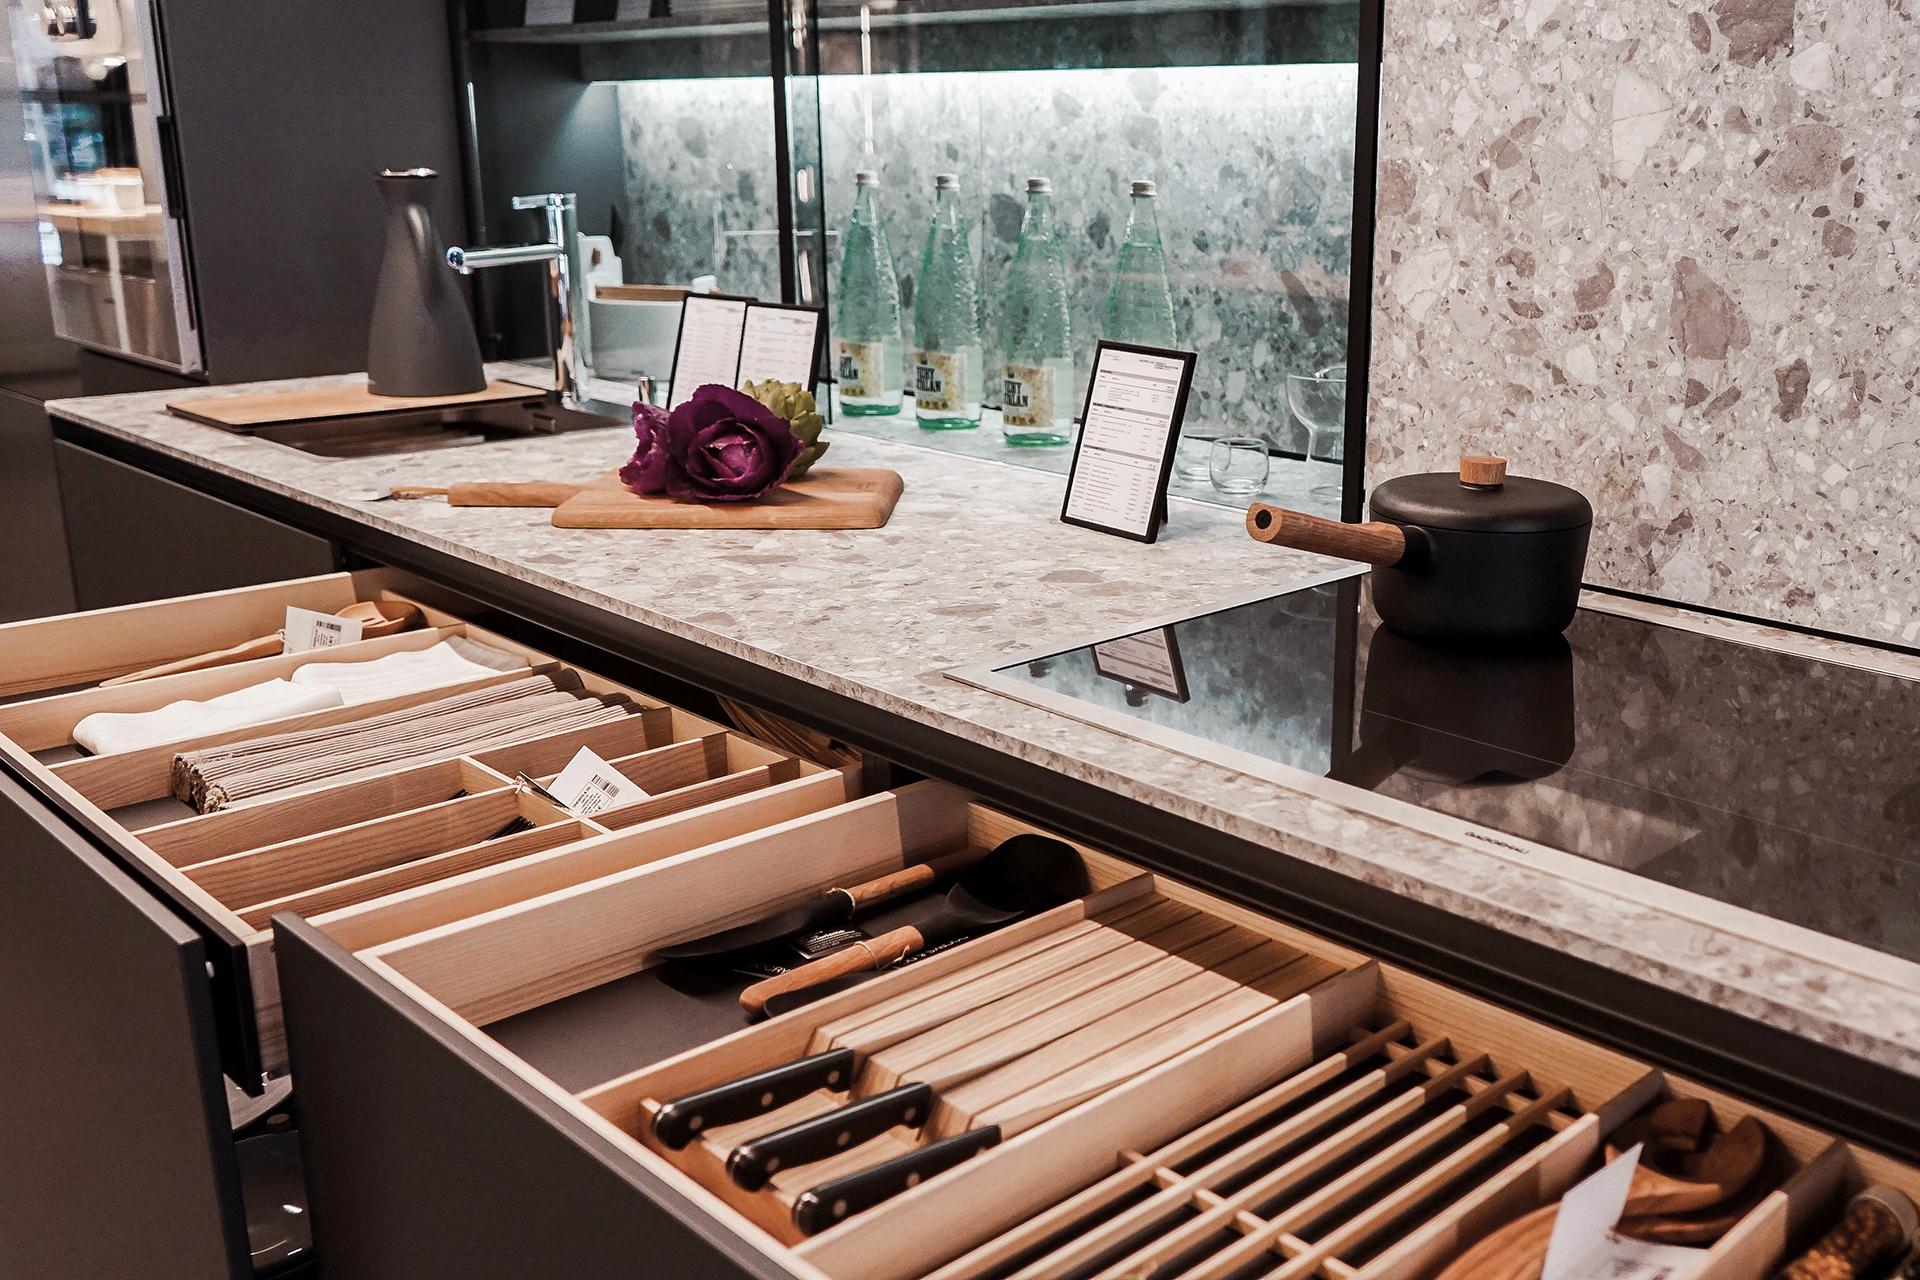 De keukenwinkel Santos Docrys & DC opent zijn vierde studio in Madrid